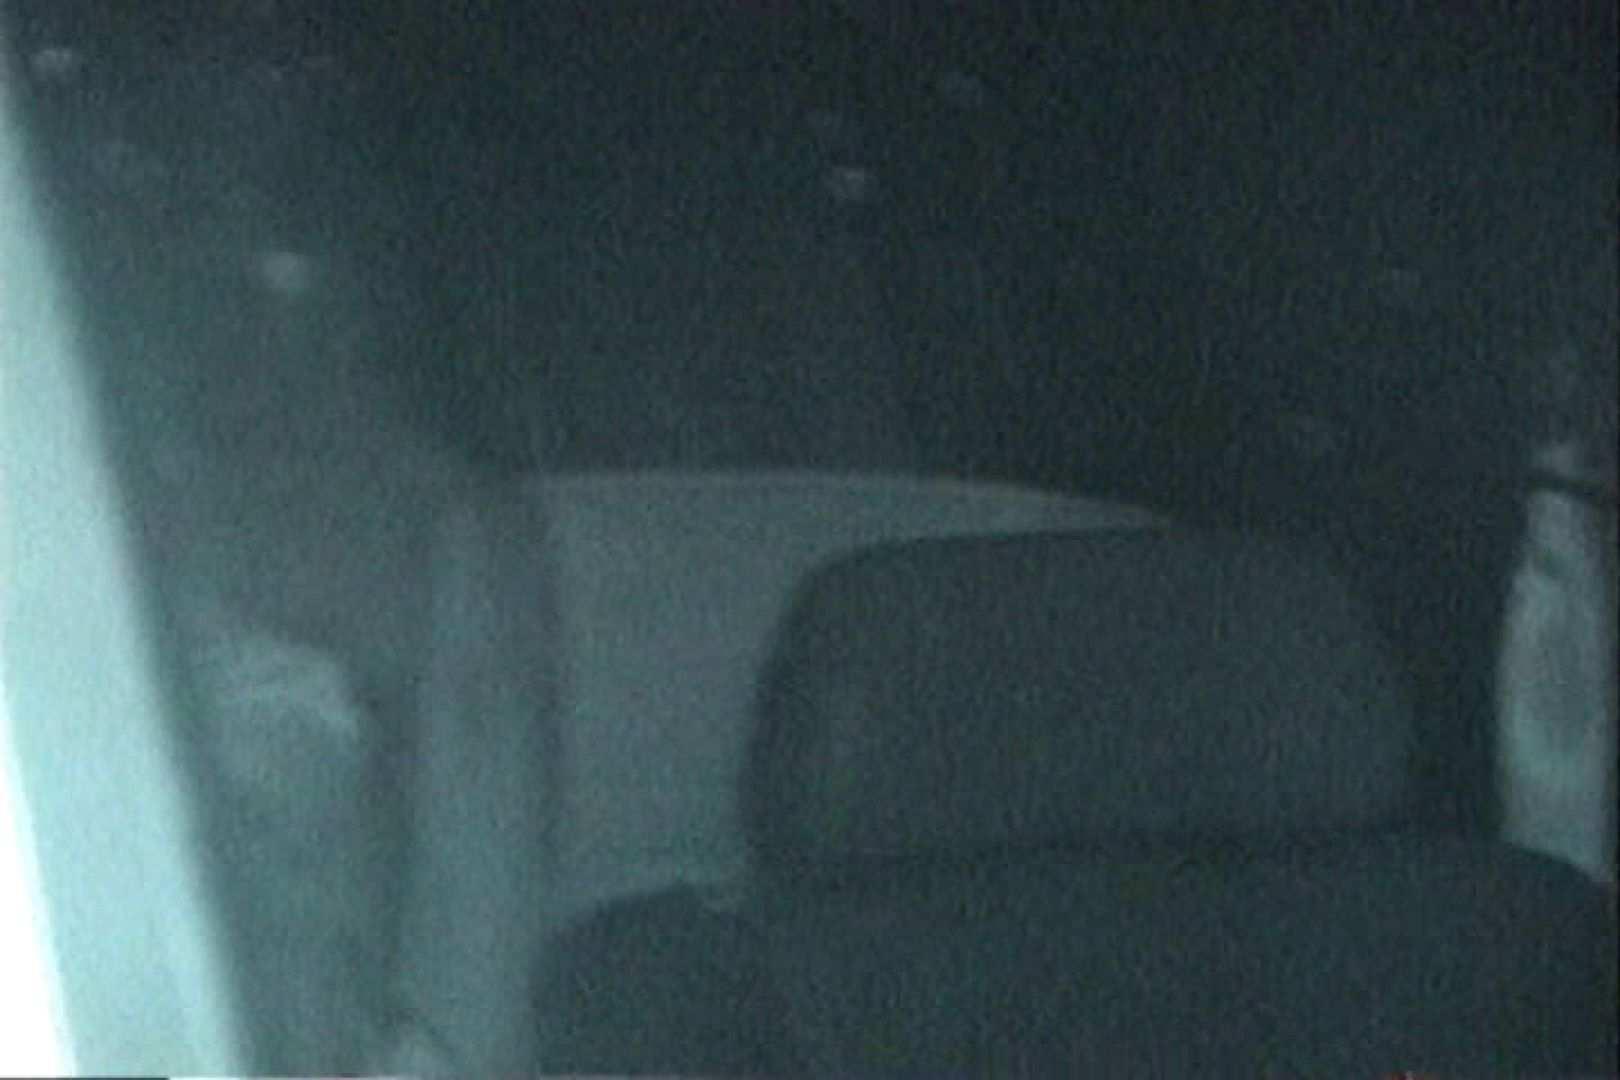 充血監督の深夜の運動会Vol.143 おっぱい 盗み撮り動画キャプチャ 61PICs 52